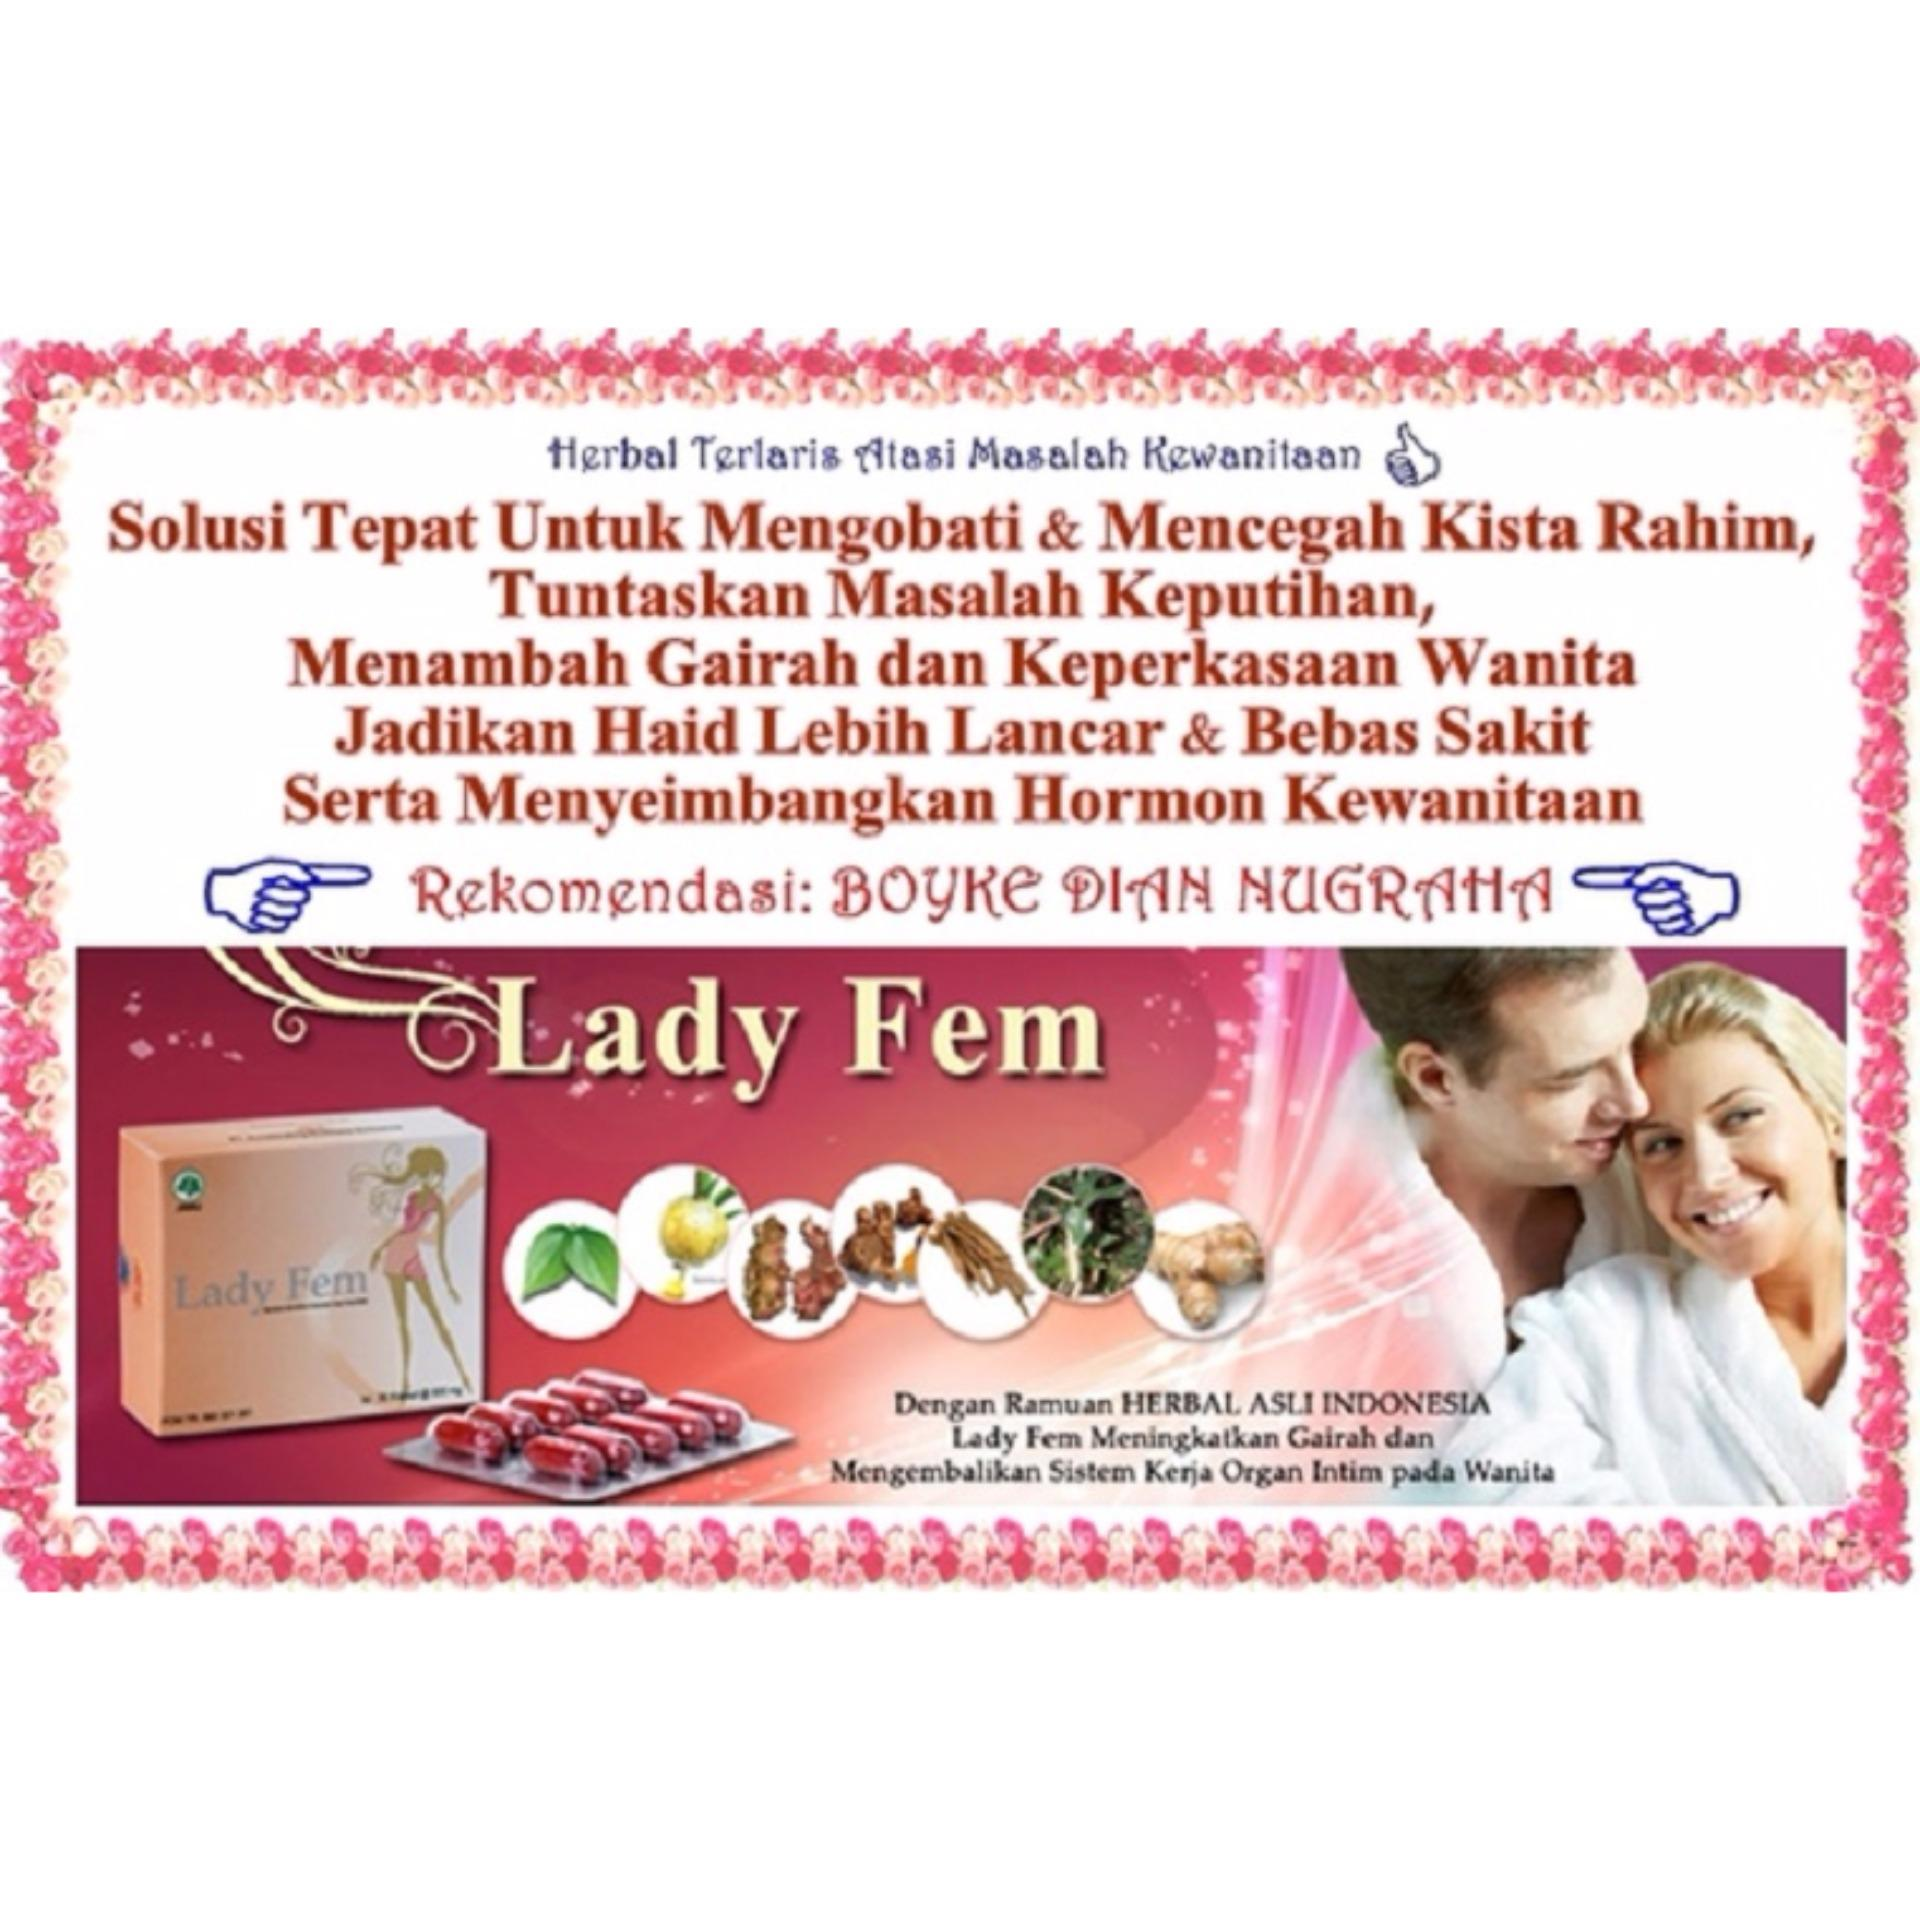 Harga Baru Zie Lady Fem Membantu Menormakan Hormon Original